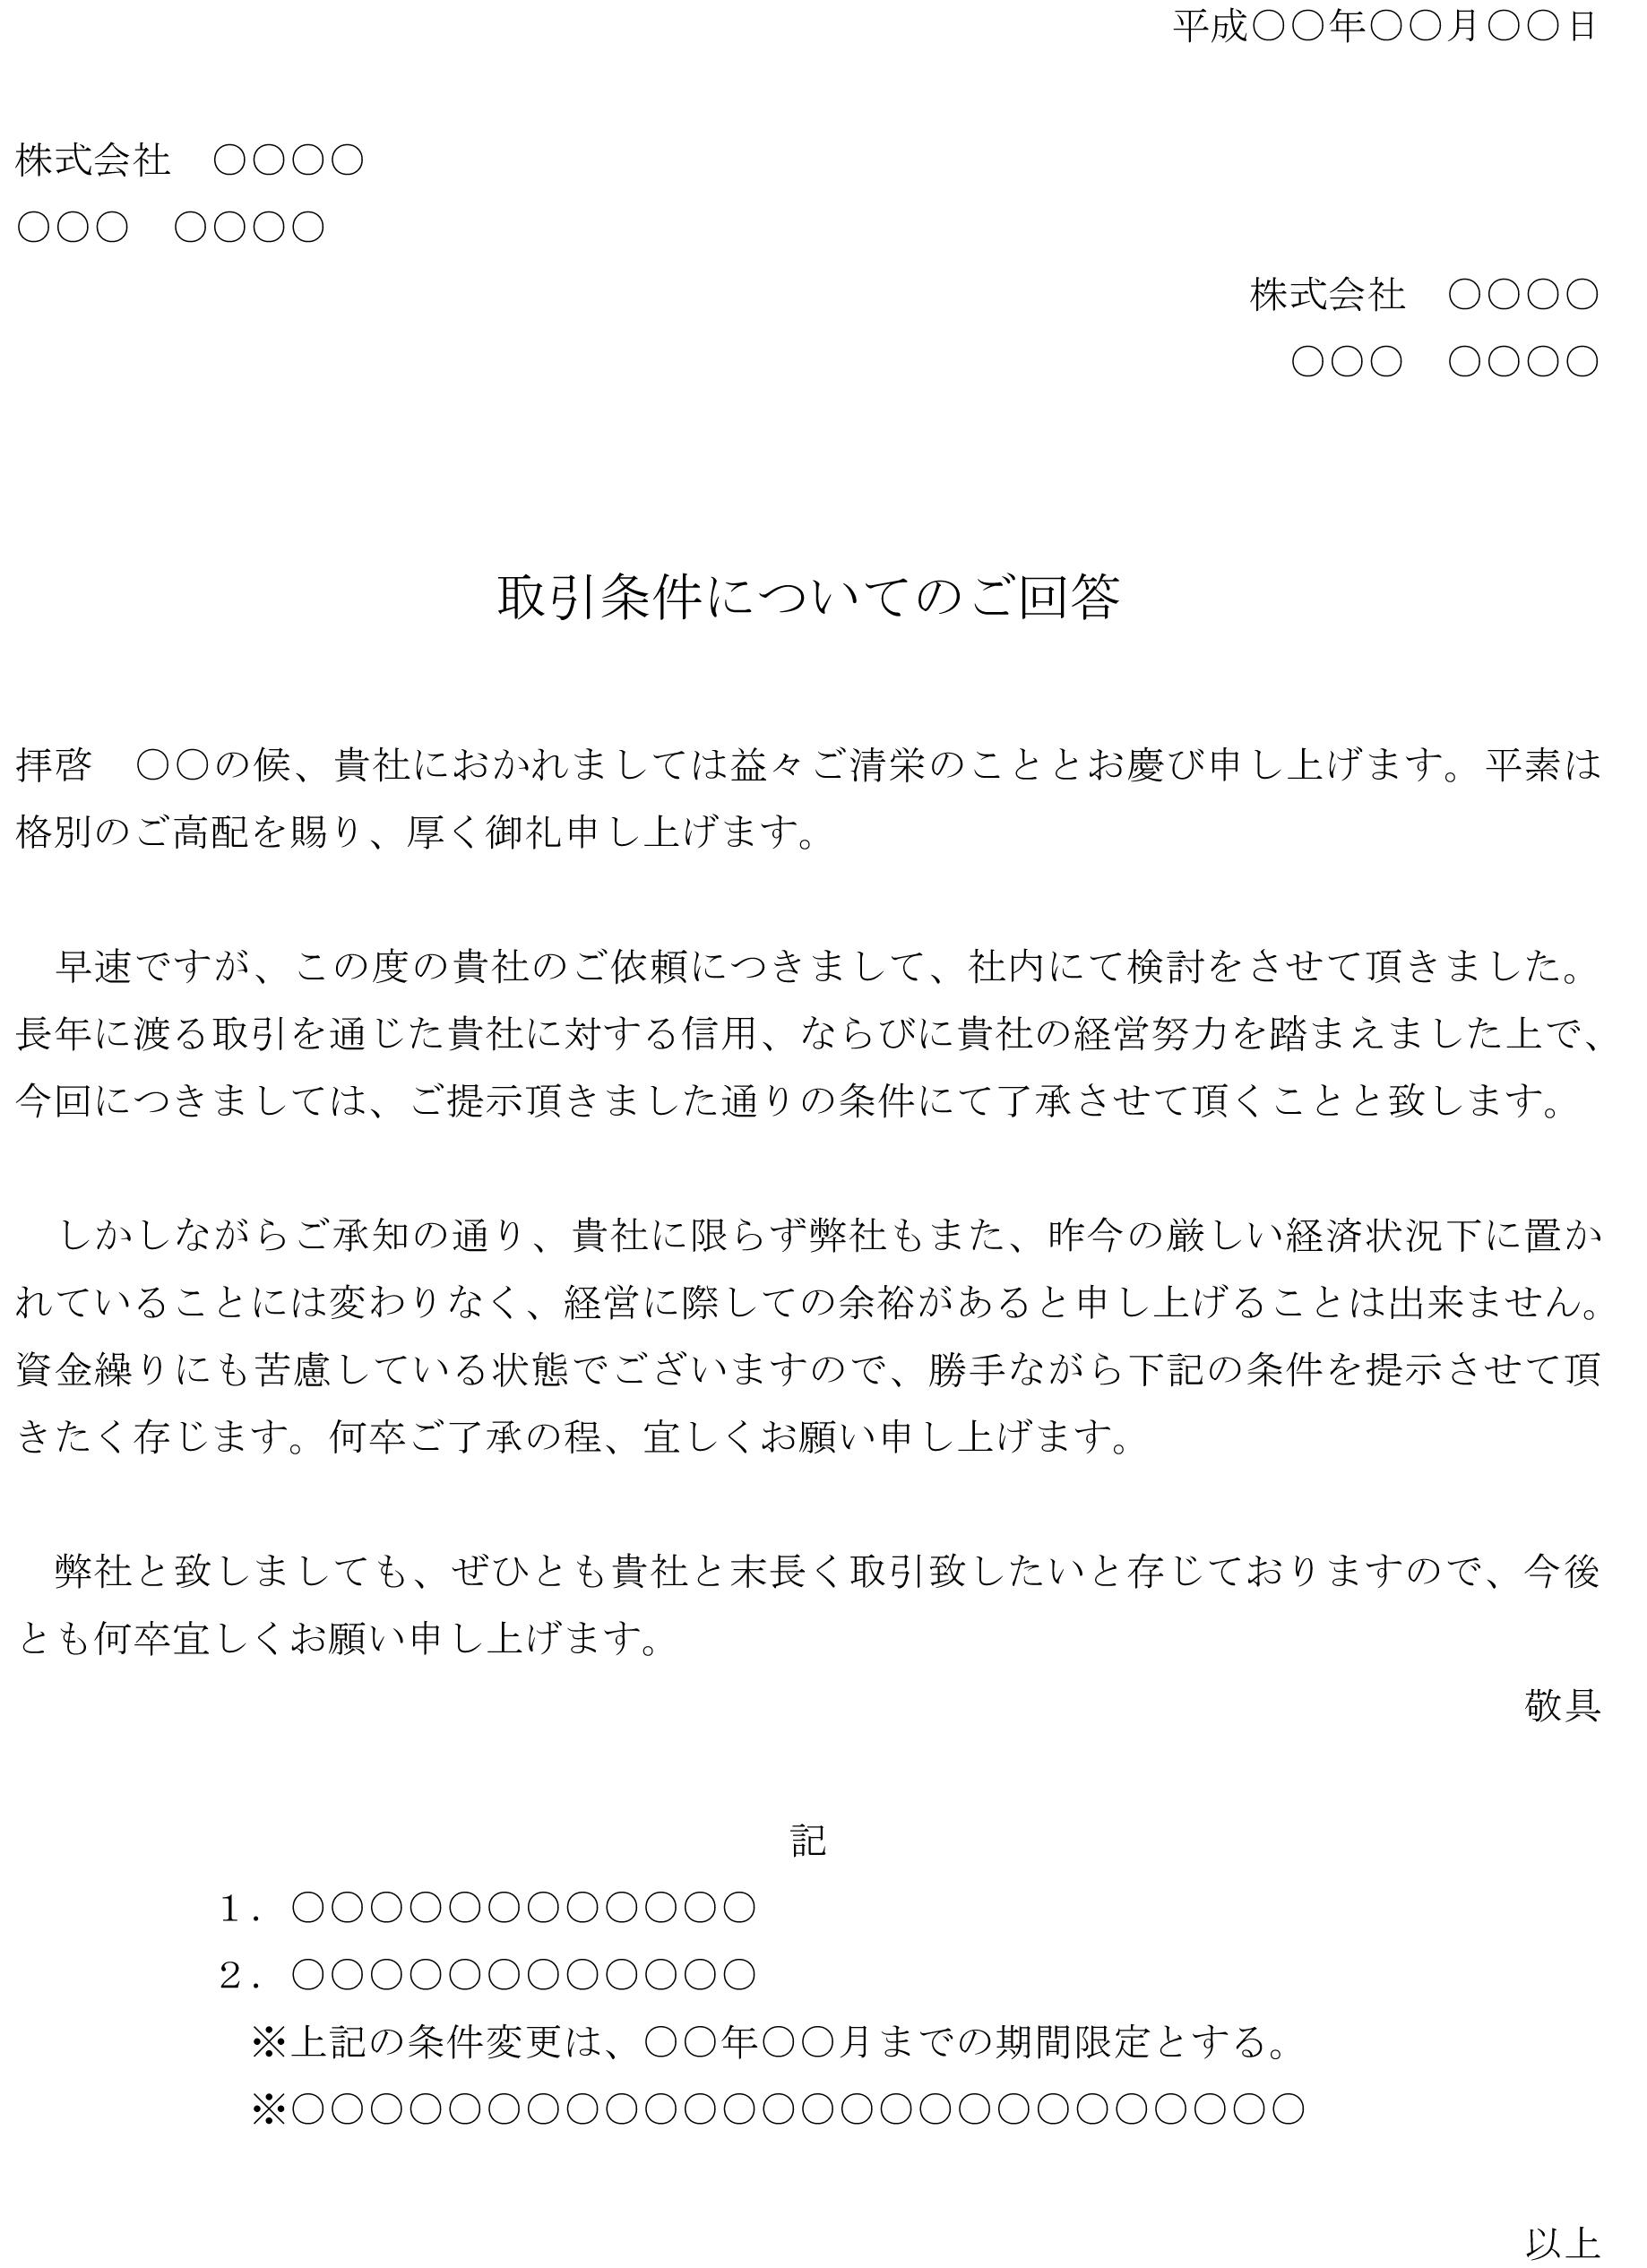 回答書(取引条件の変更依頼について条件つきで承諾)02